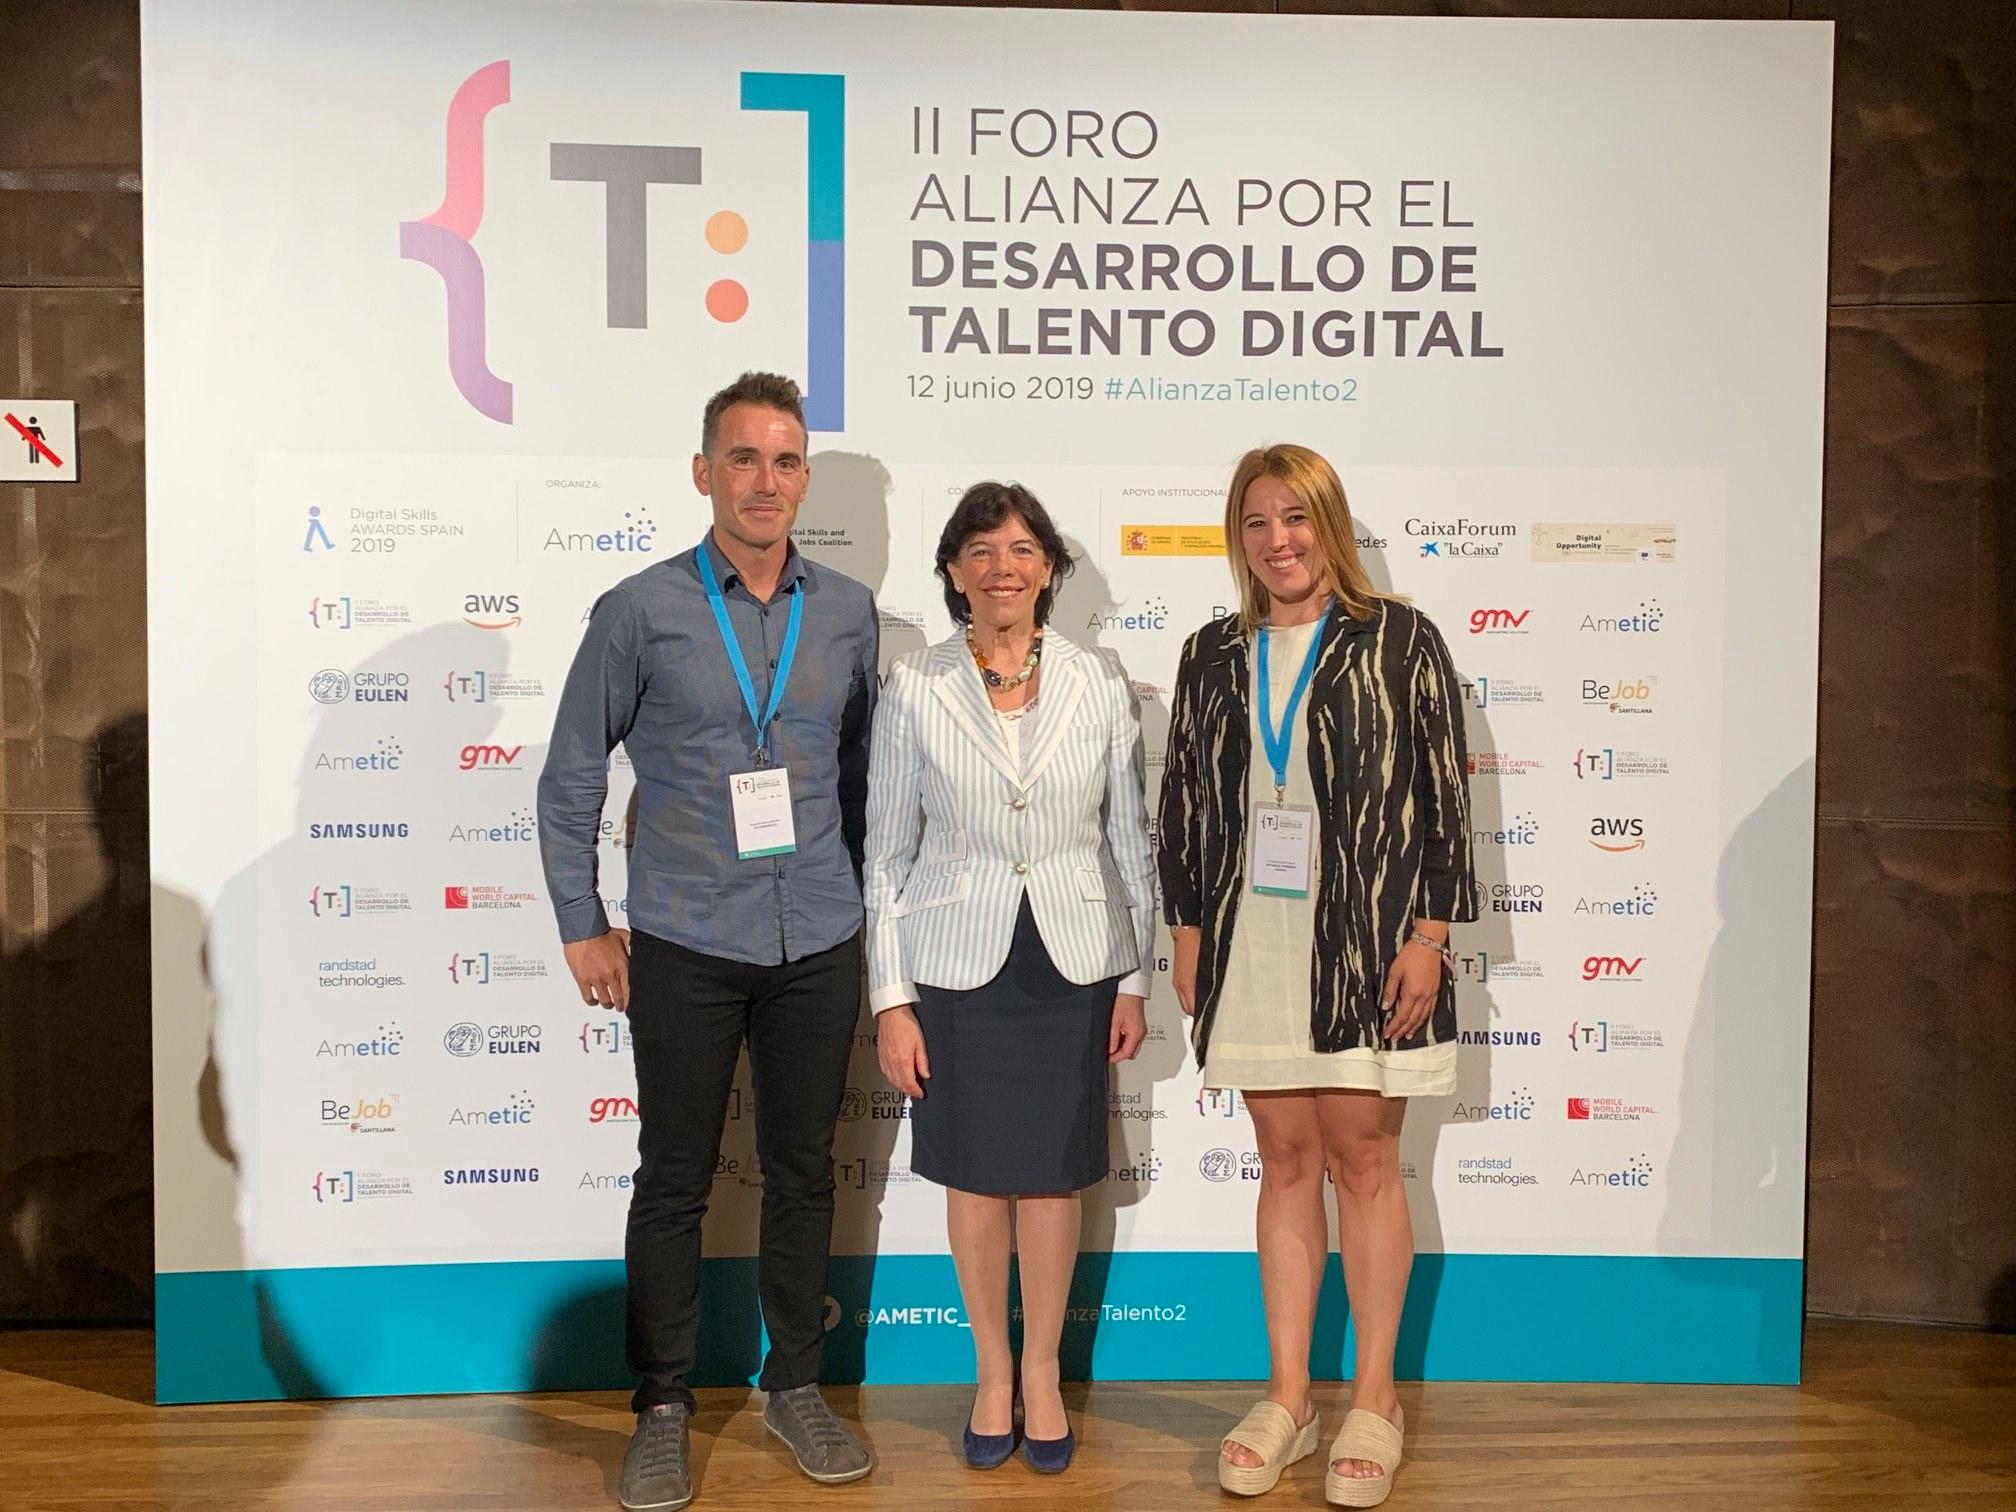 Las históricas aventuras de Daniela gana el Premio Nacional Digital Skills Spain